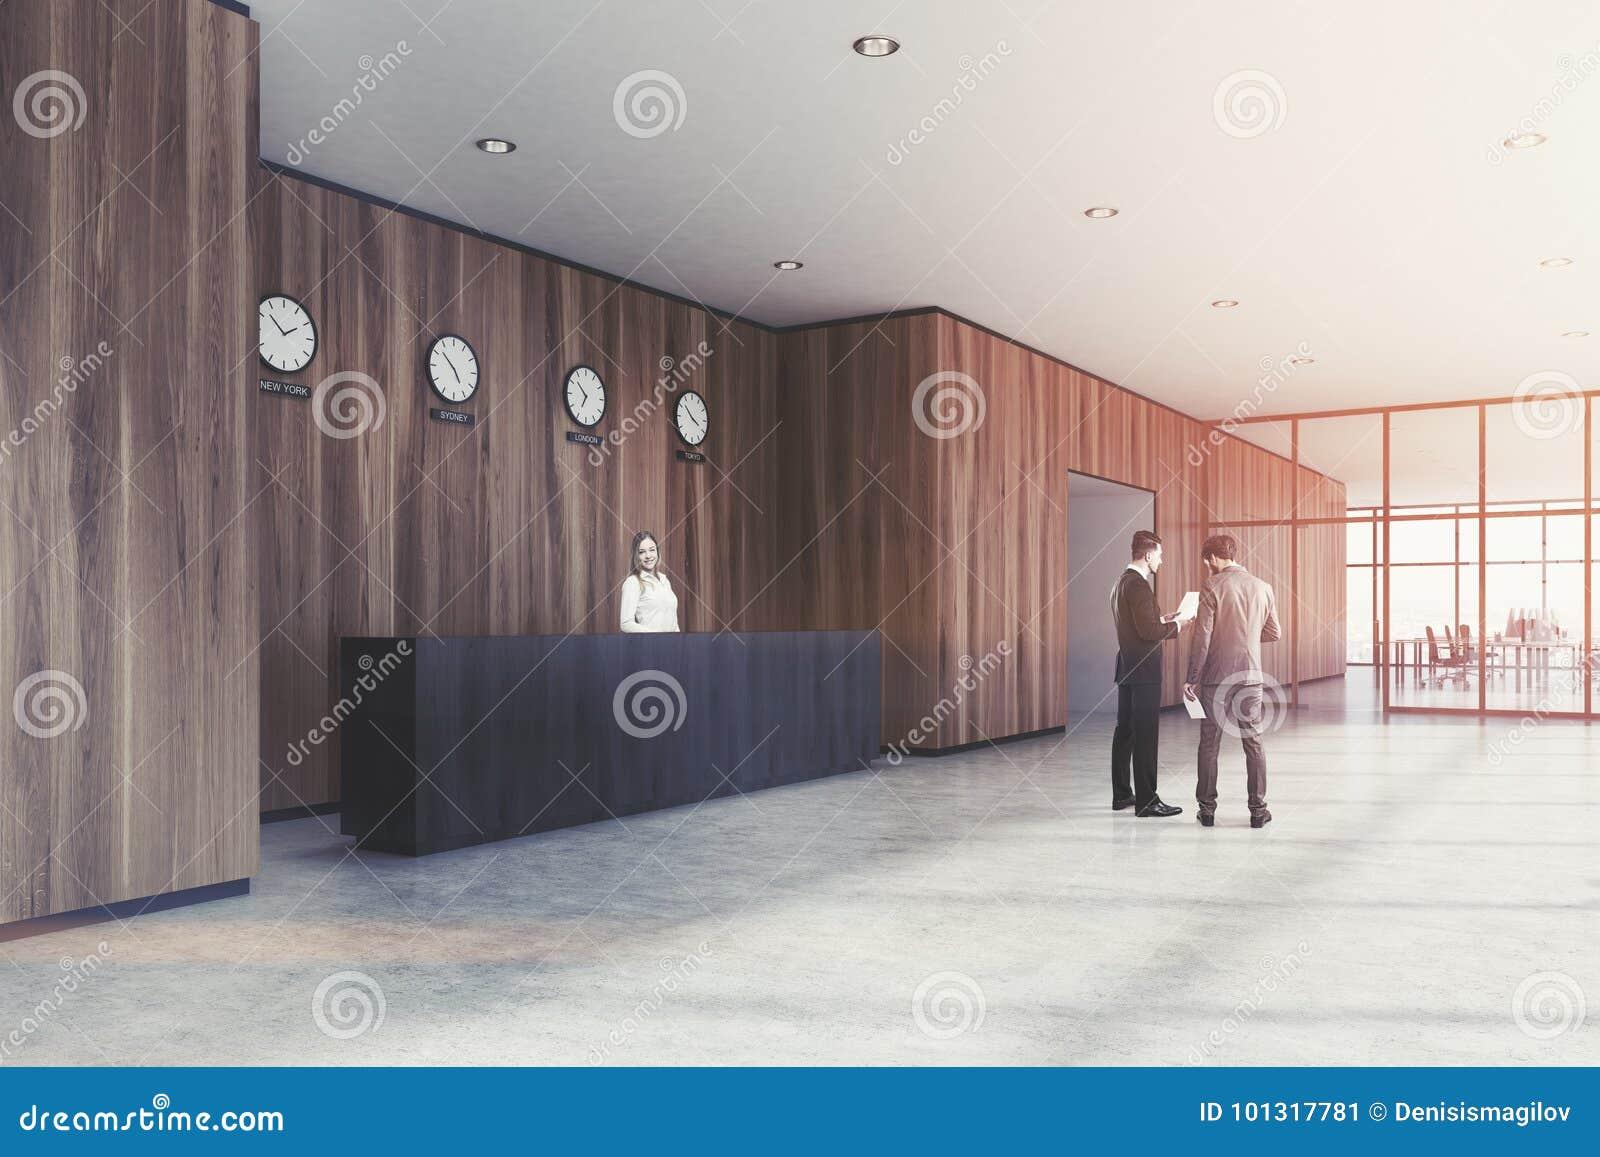 Reception Ufficio Legno : Reception nera ufficio di legno lato la gente immagine stock